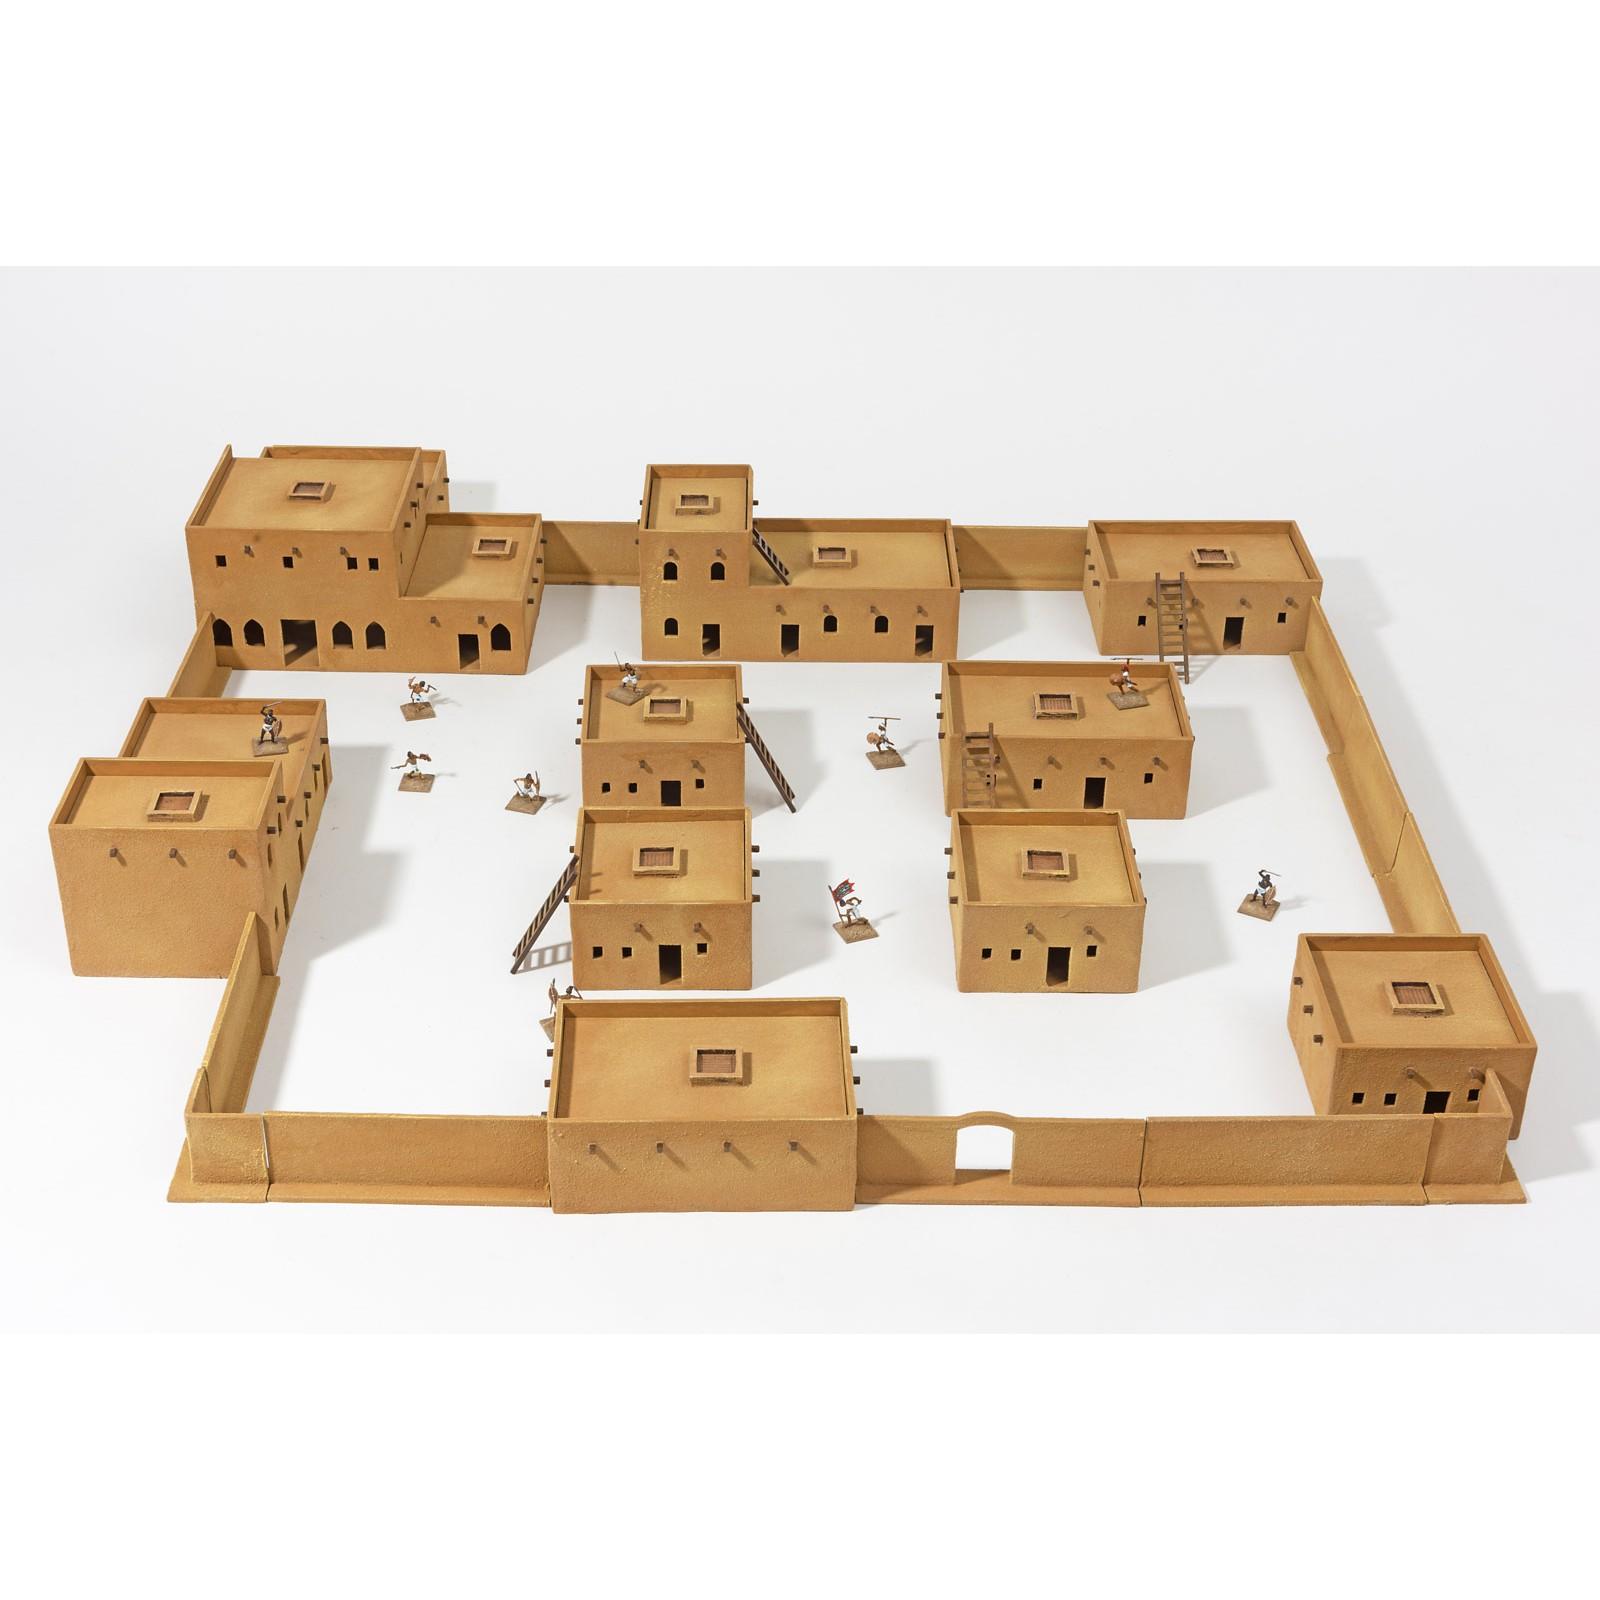 Pre-Sale: DESERT CITY Set - 10 building unpainted 28mm scale